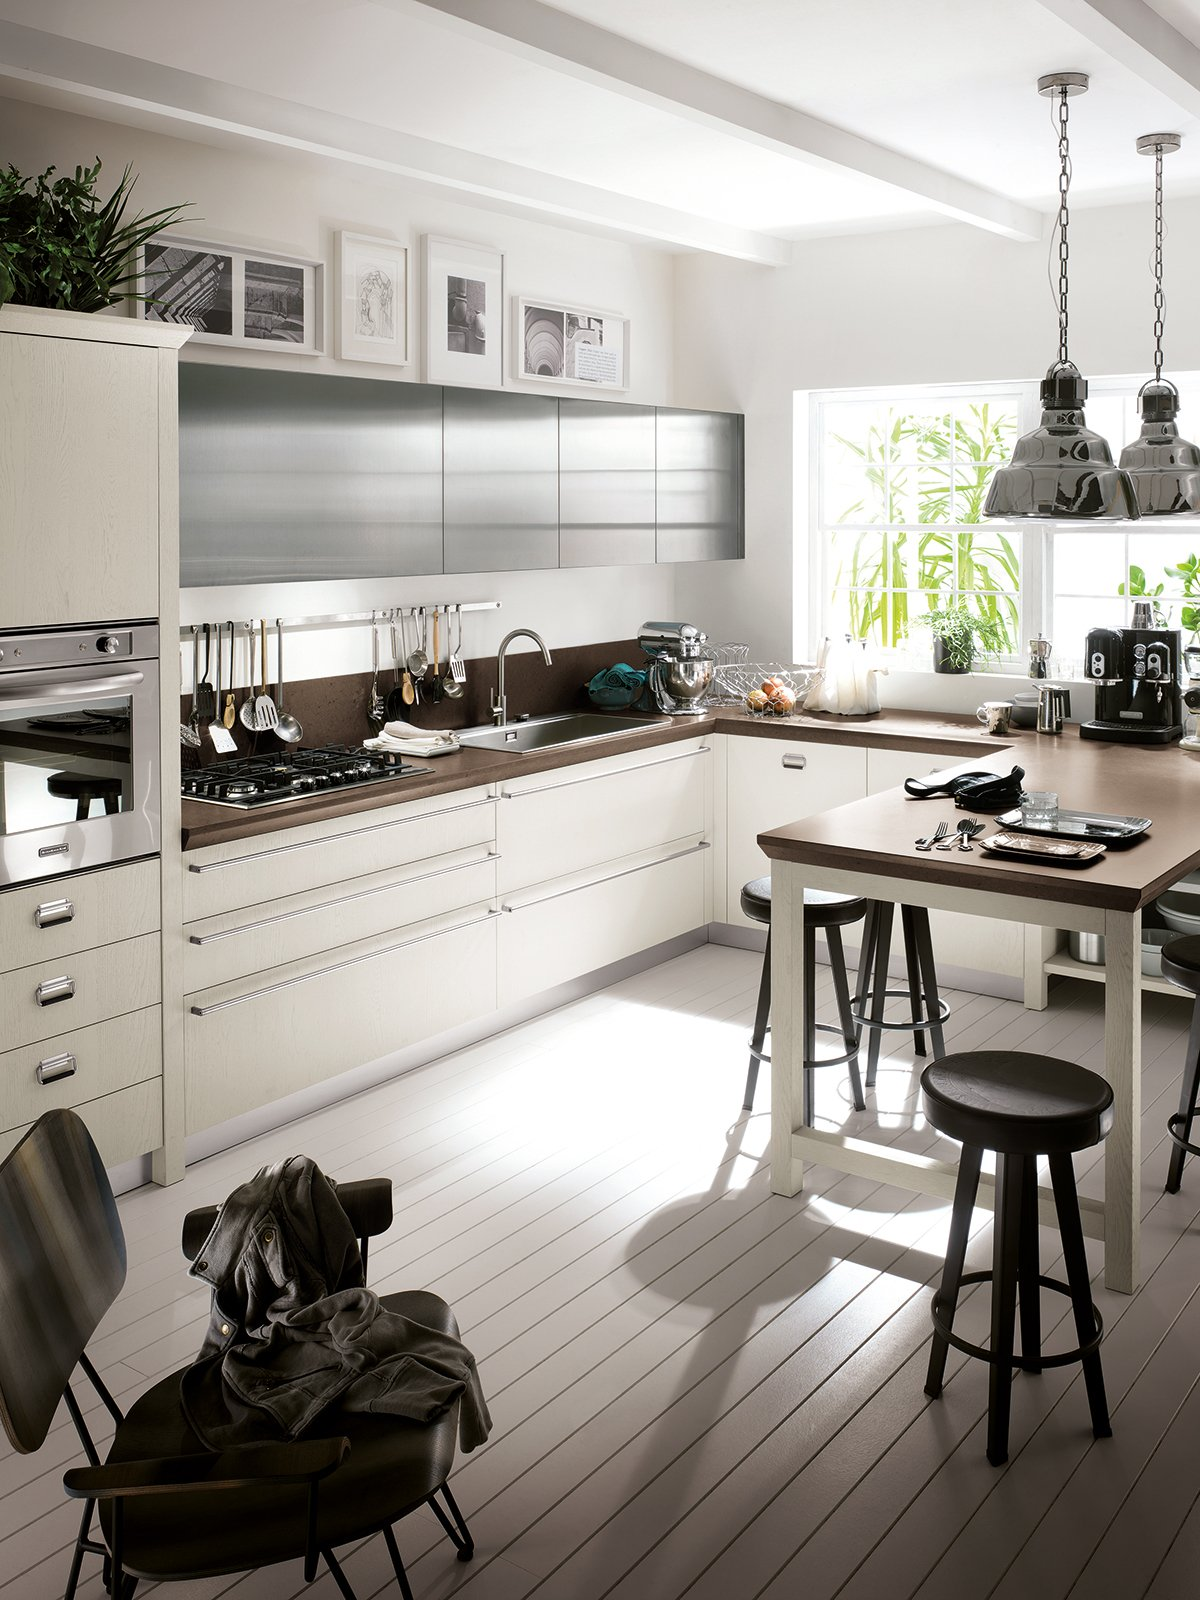 Idee cucina moderna ad angolo con penisola - Cucine con finestra ...